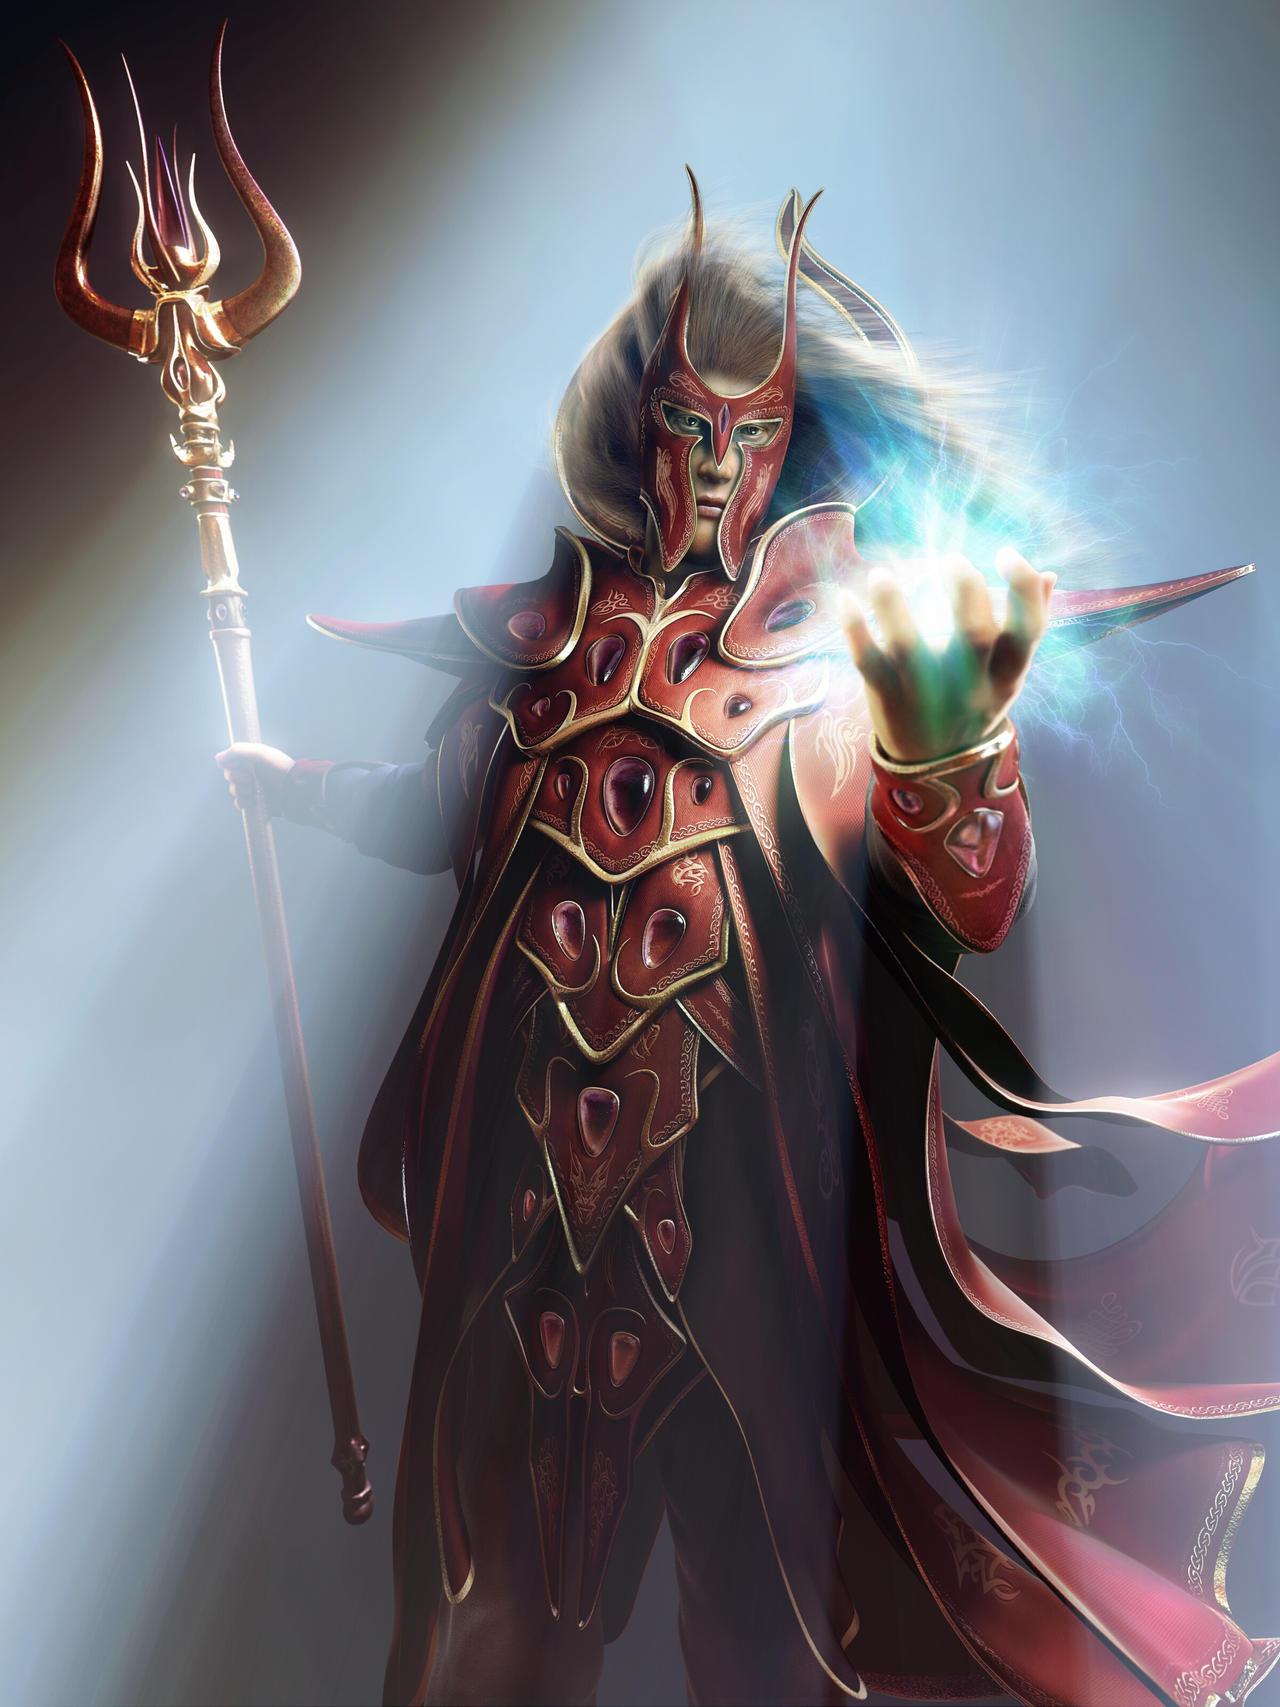 Magicien Et Guerrier dans Fantastique Blood_elf_by_ZivCG